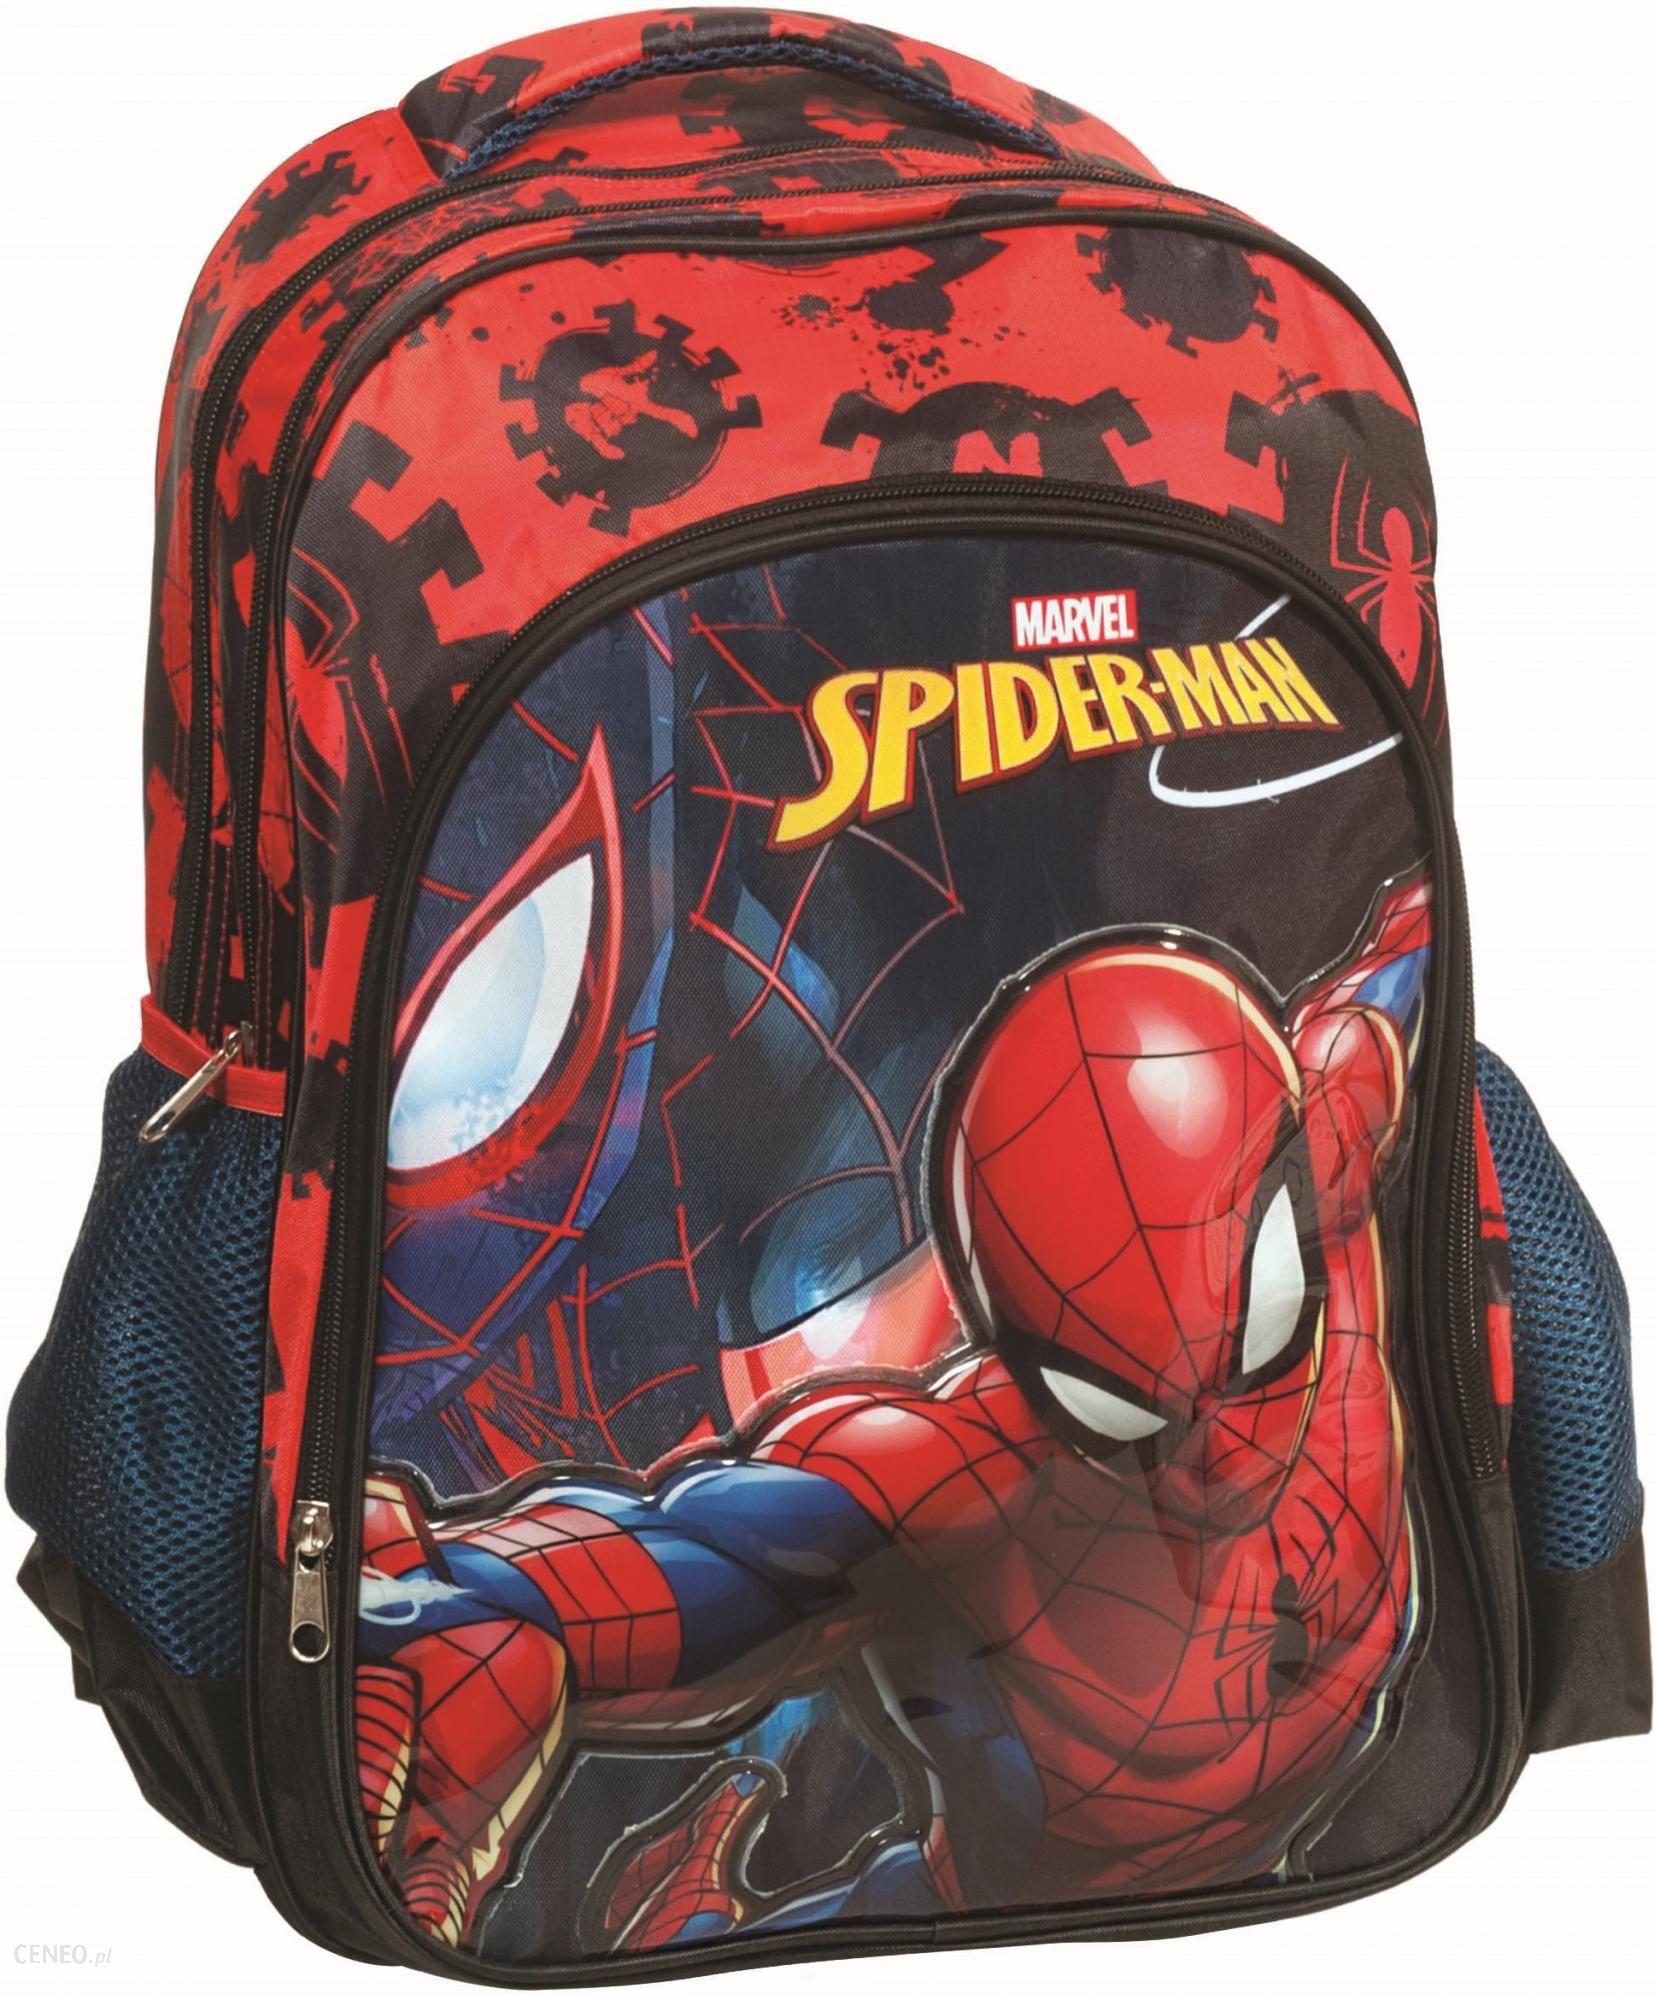 66ea75c796143 Gim Owalny Plecak Spiderman - Ceny i opinie - Ceneo.pl